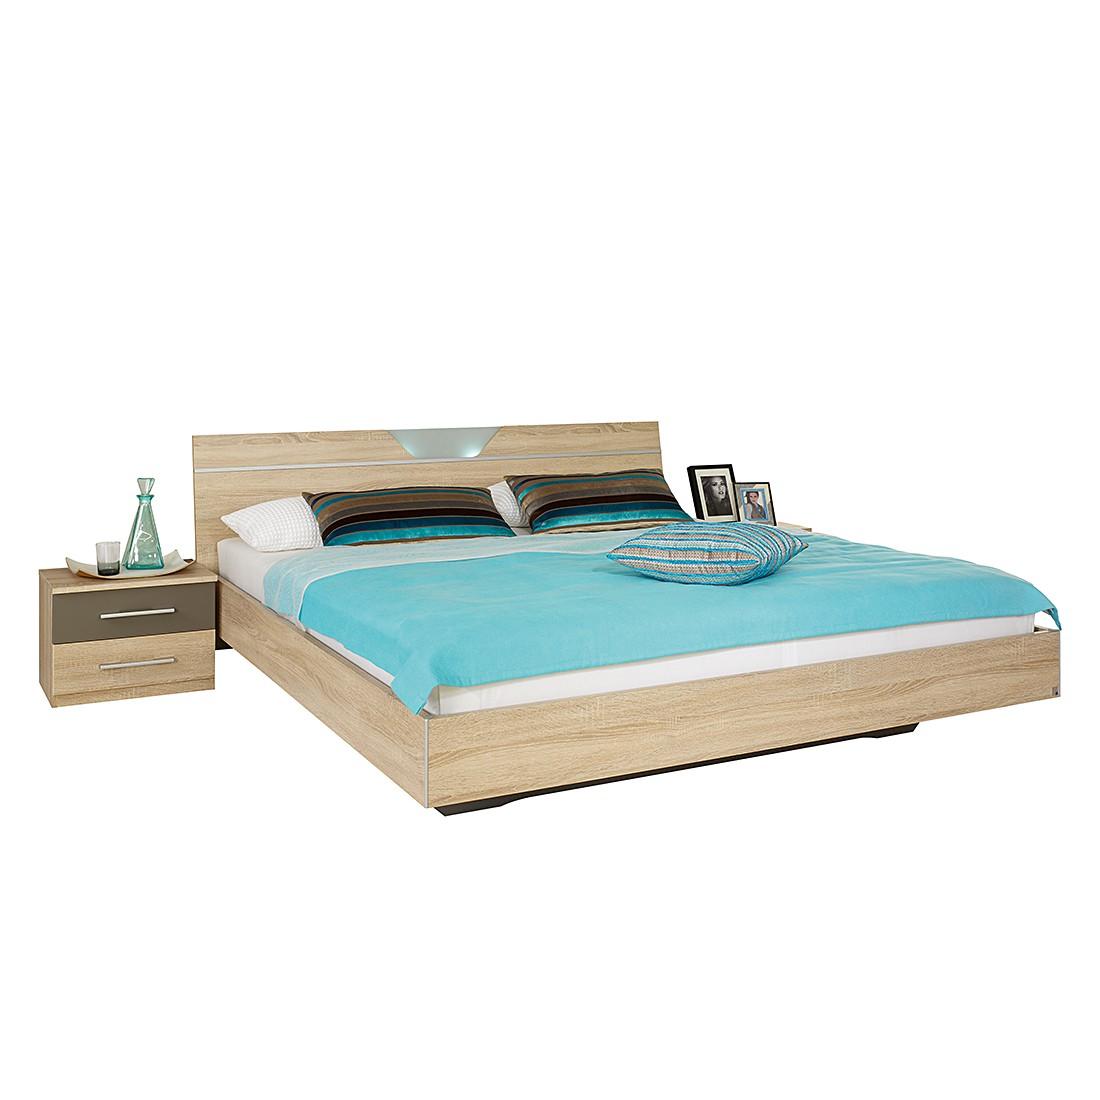 Bed Valence - 160 x 200cm - Sonoma eikenhouten look/lavakleurig, Rauch Packs